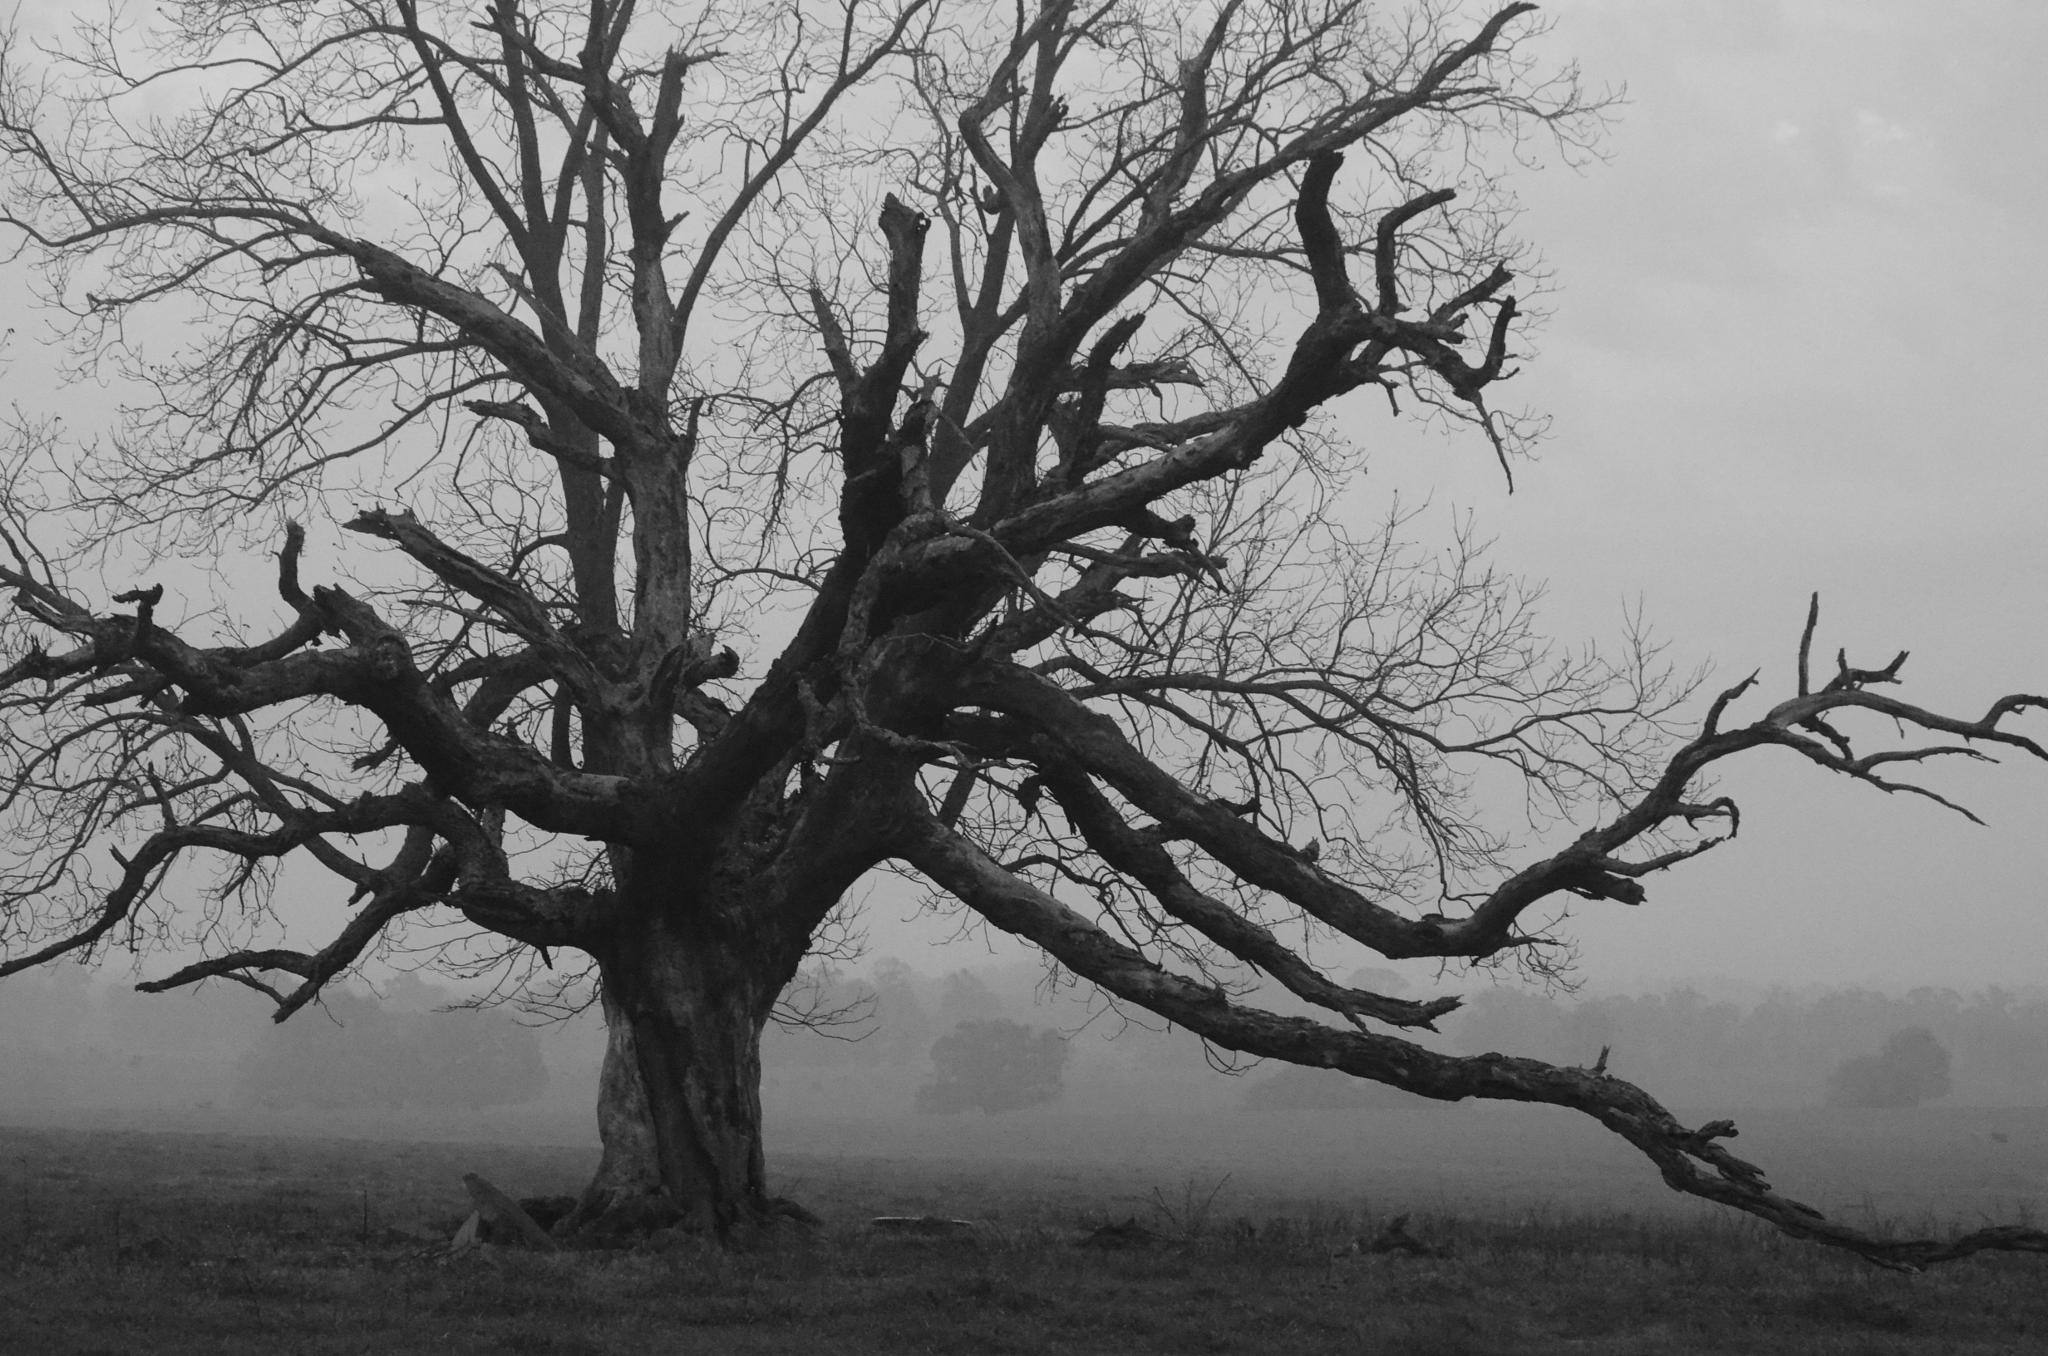 Mystery Tree by Doreen Leone